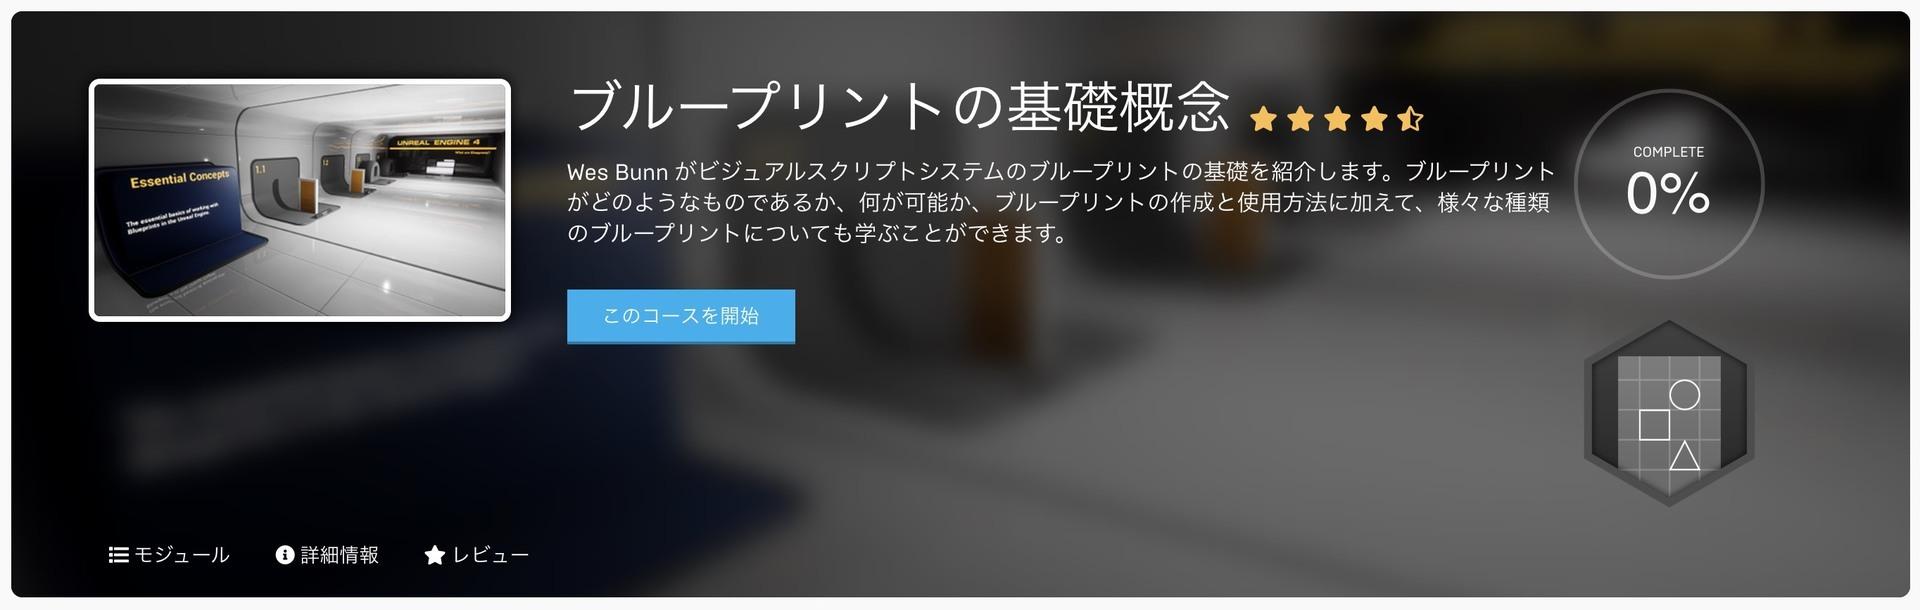 Google ChromeScreenSnapz002.jpg